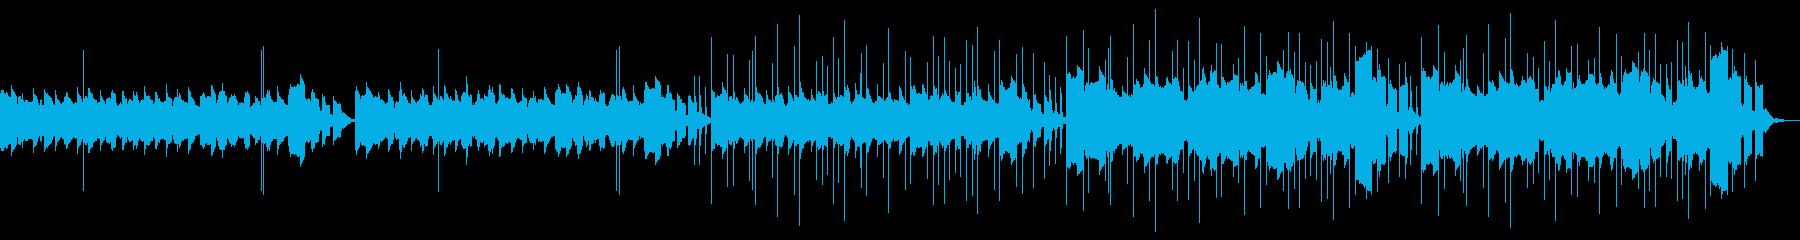 ちょっぴり間抜けなほのぼのとしたBGMの再生済みの波形